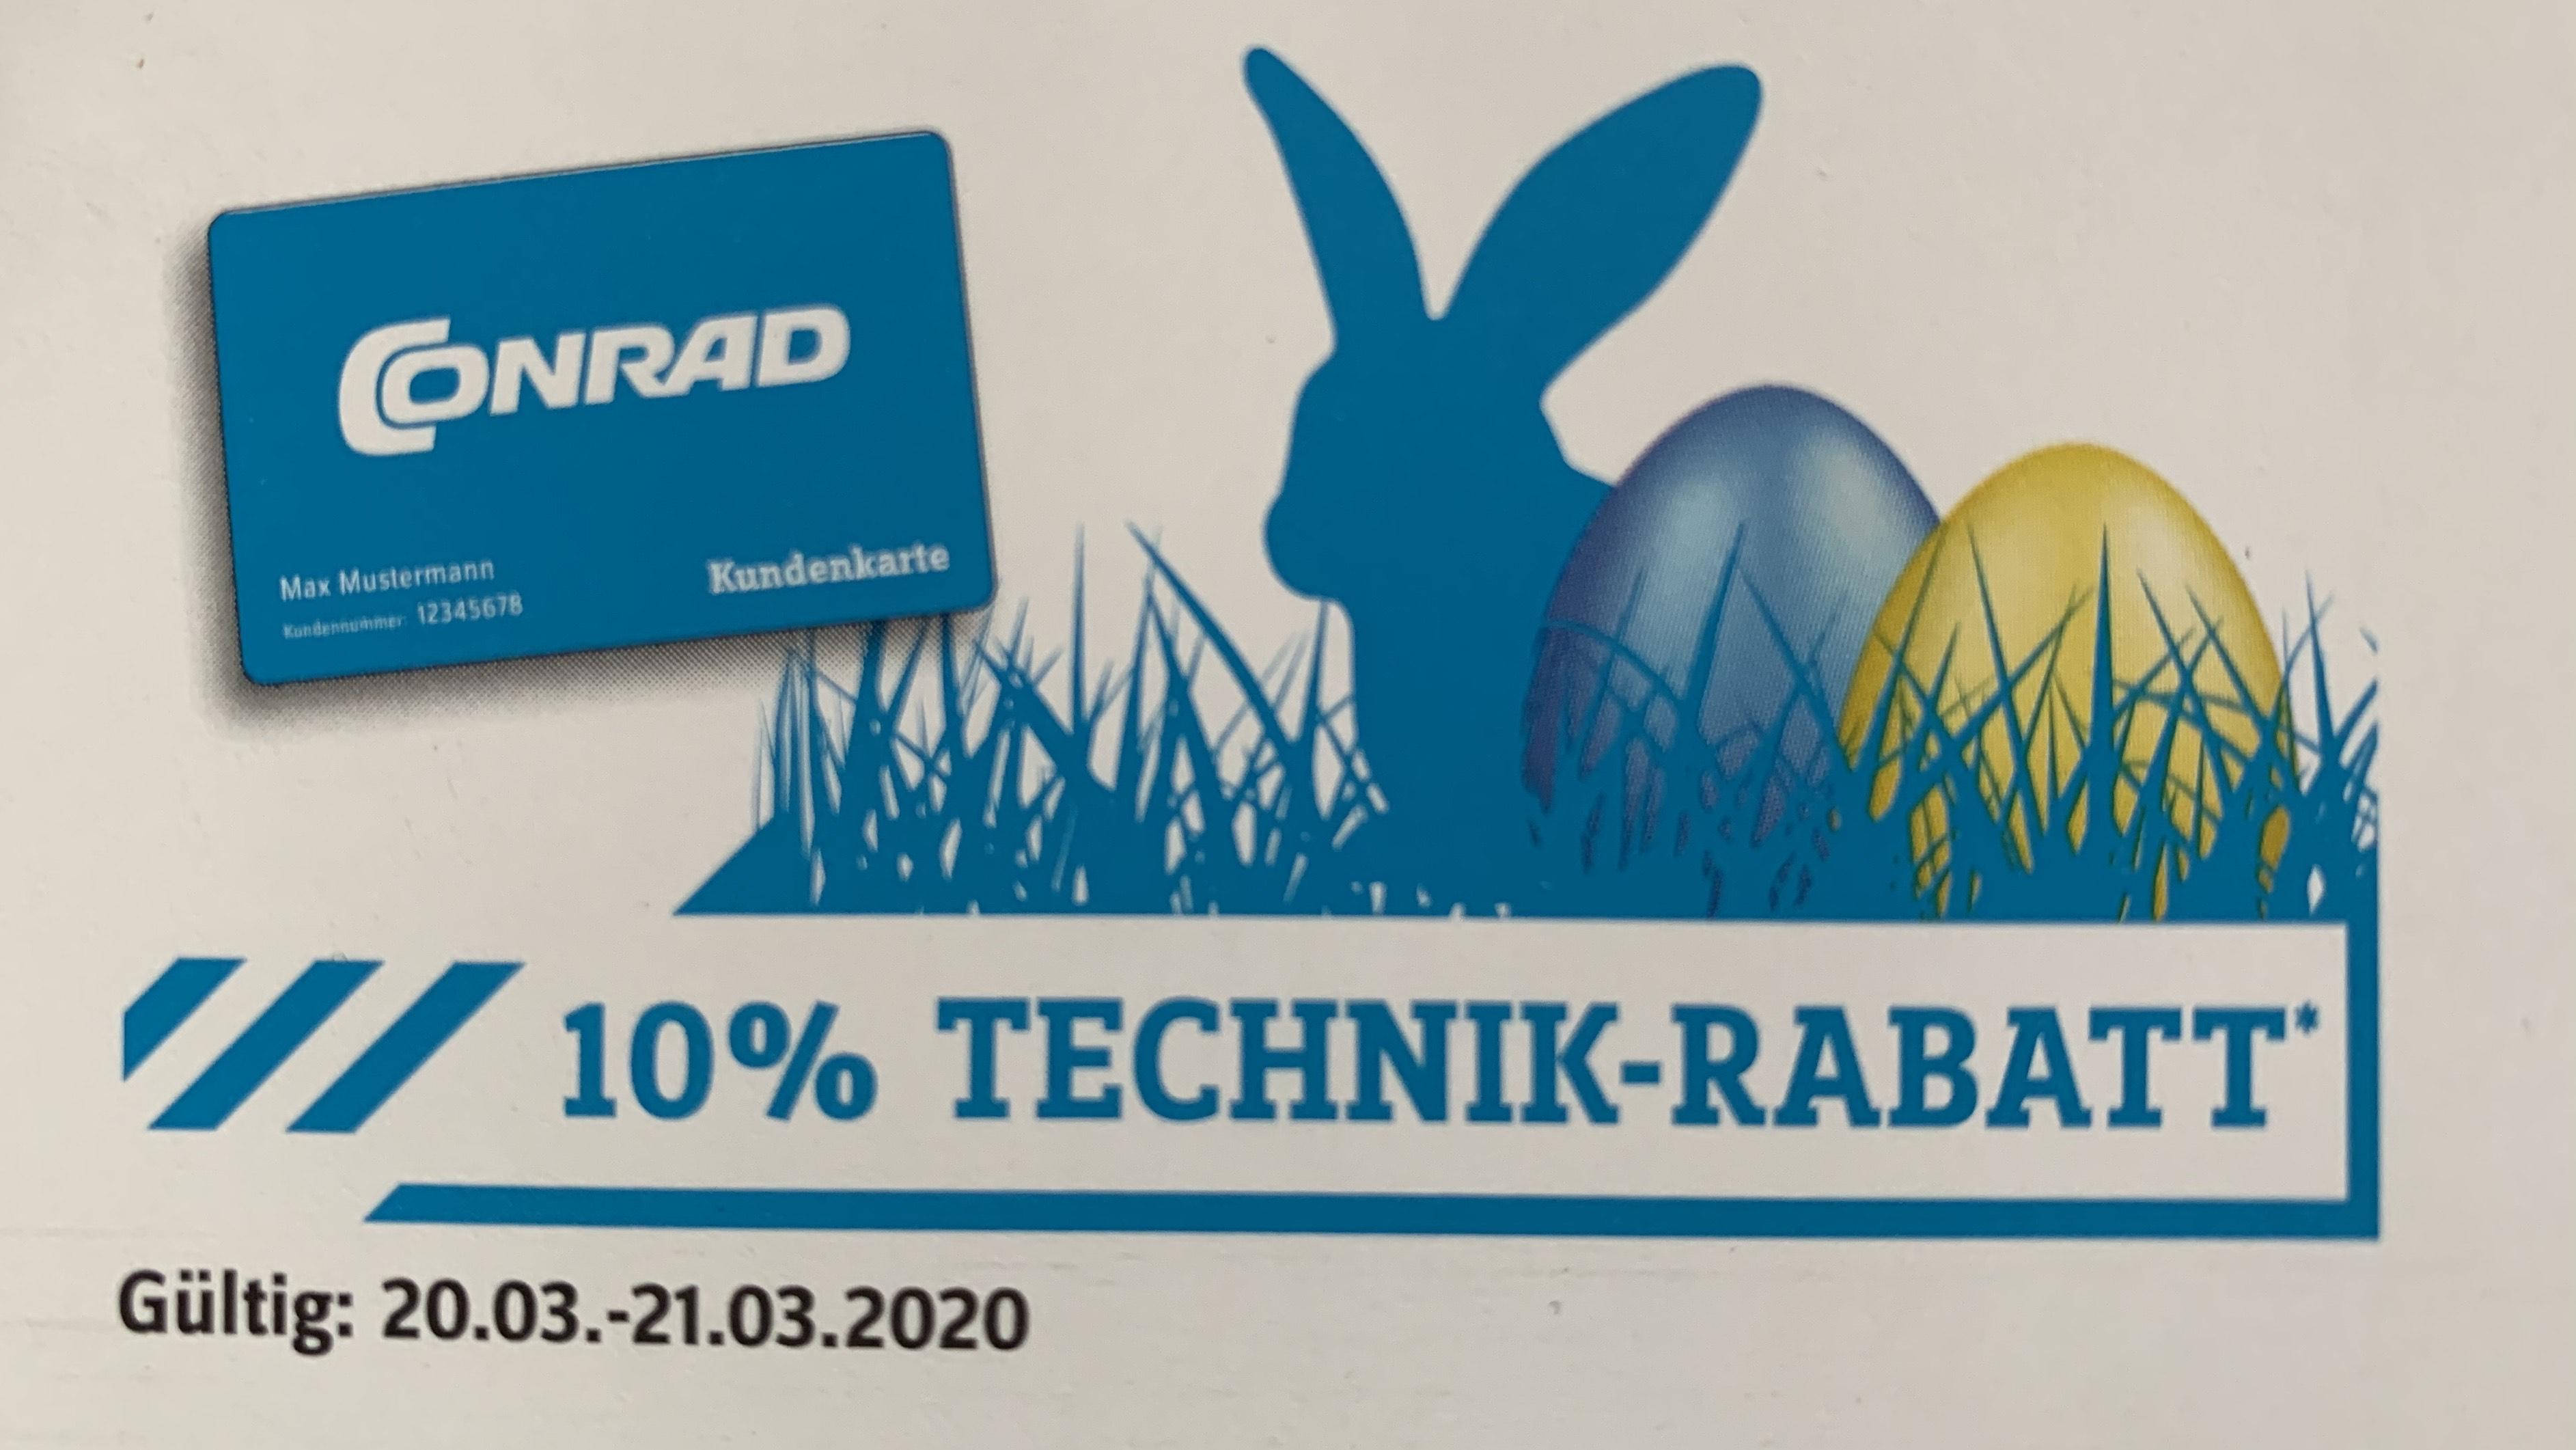 Conrad 10 % Technik-Rabatt für Kundenkarten-Inhaber